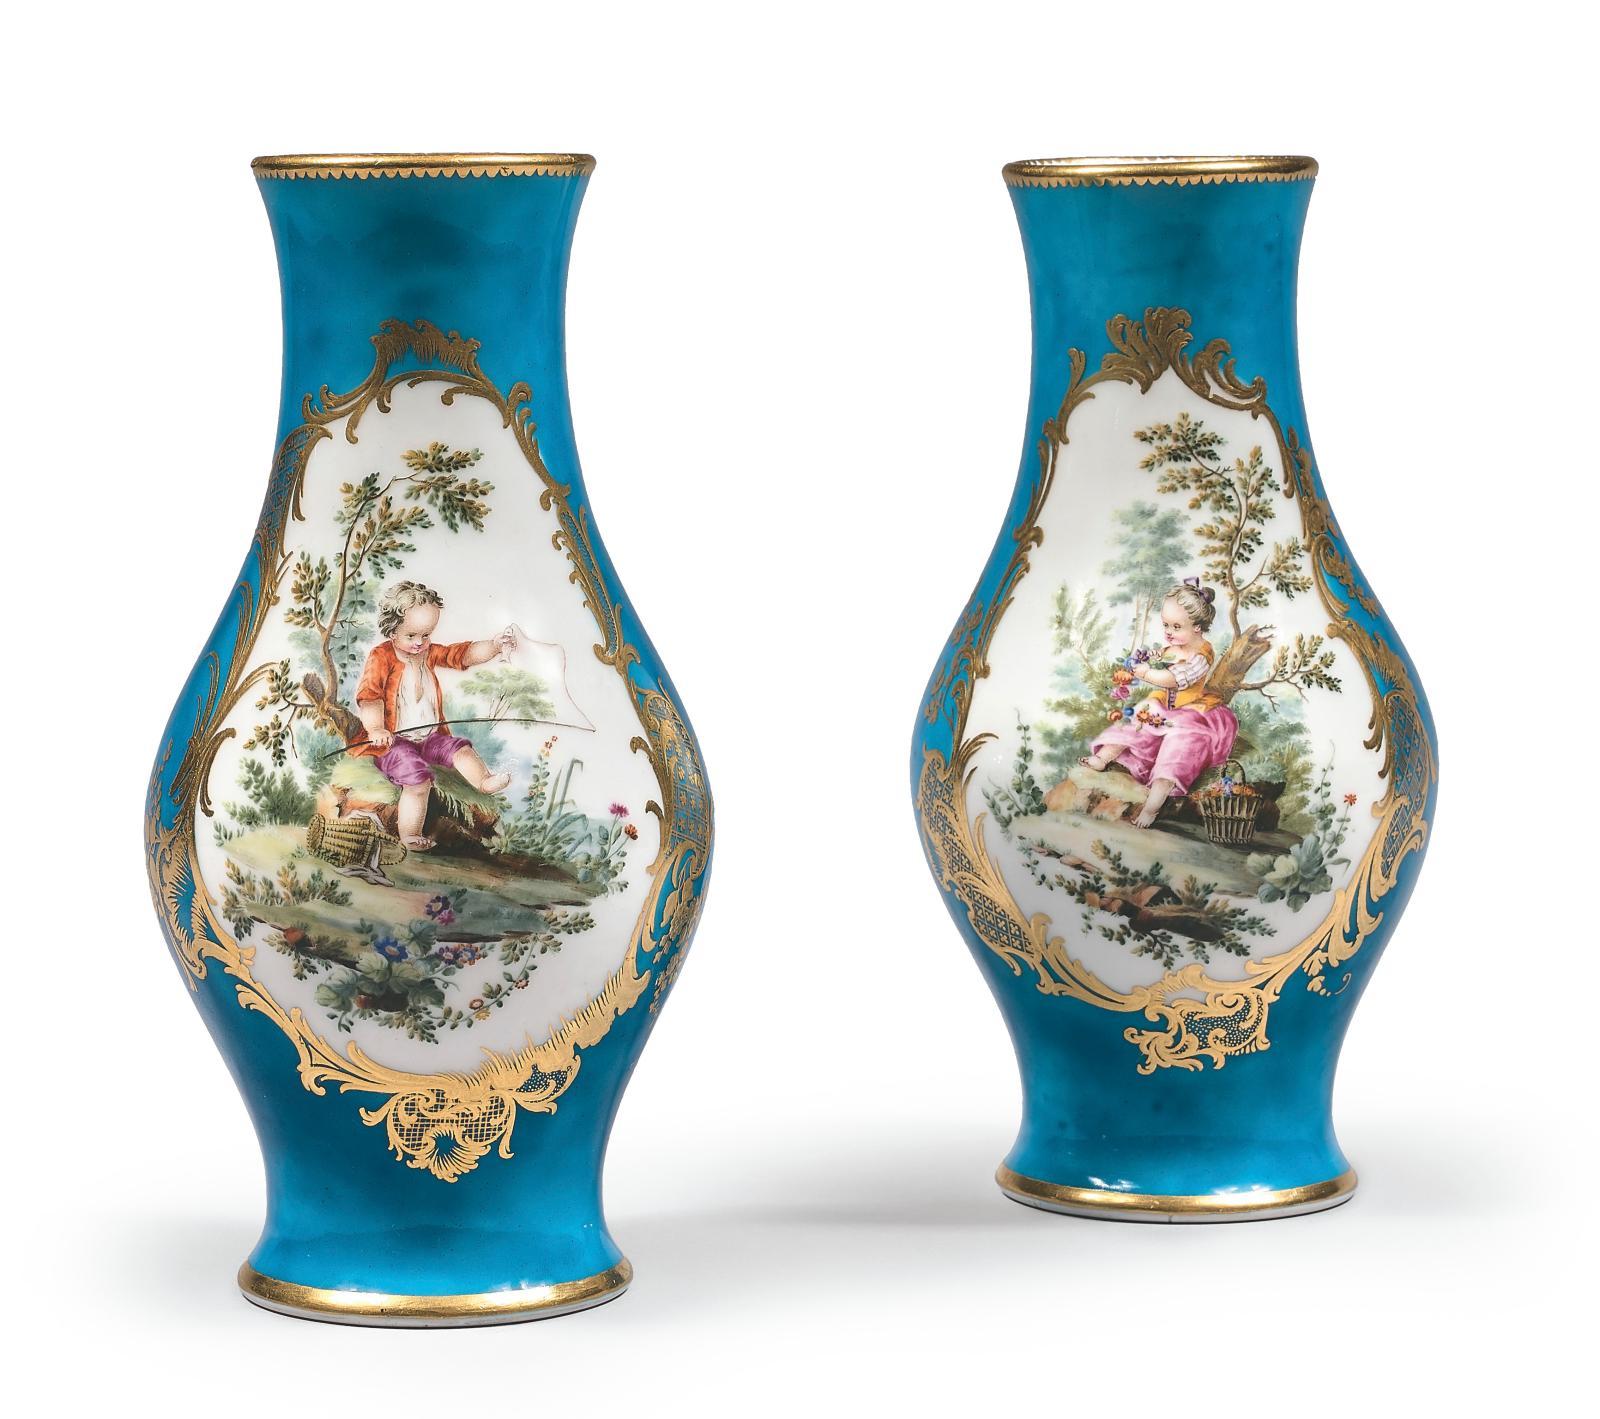 Paire de vases «urnes antiques» en porcelaine de Vincennes du XVIIIe siècle, à décor d'enfants dans des paysages d'après François Boucher, peintre Vie